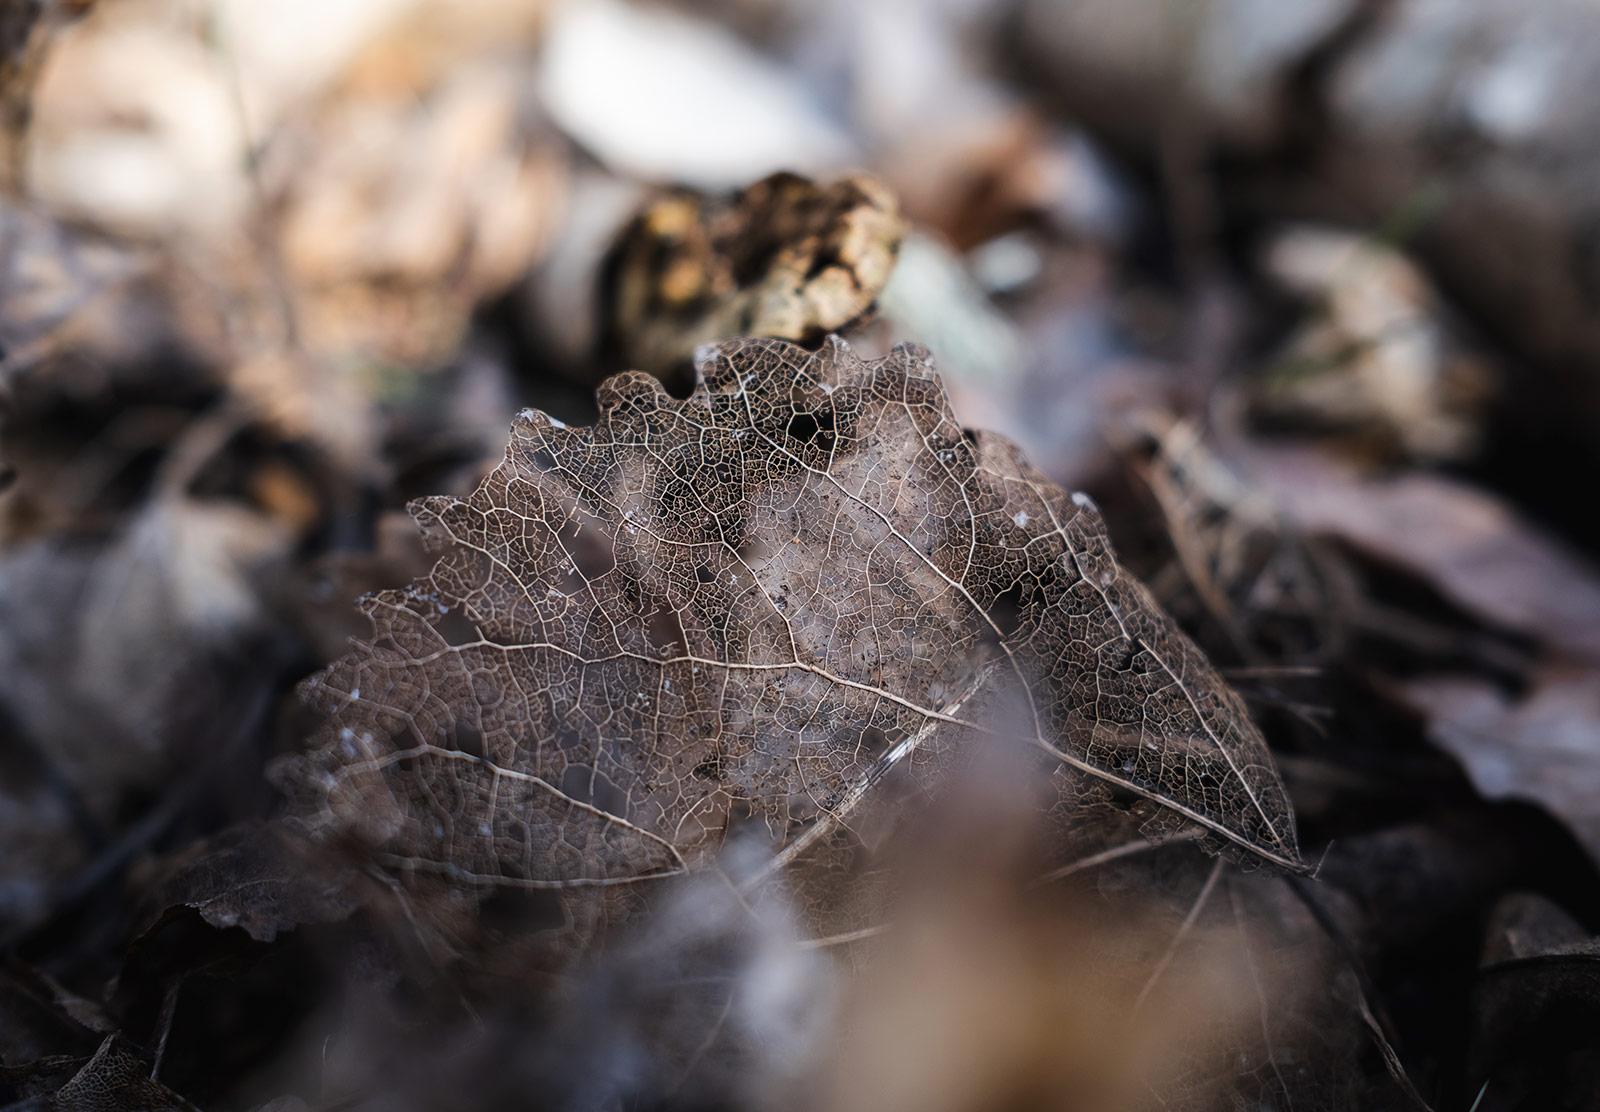 Leaf skeleton on the ground